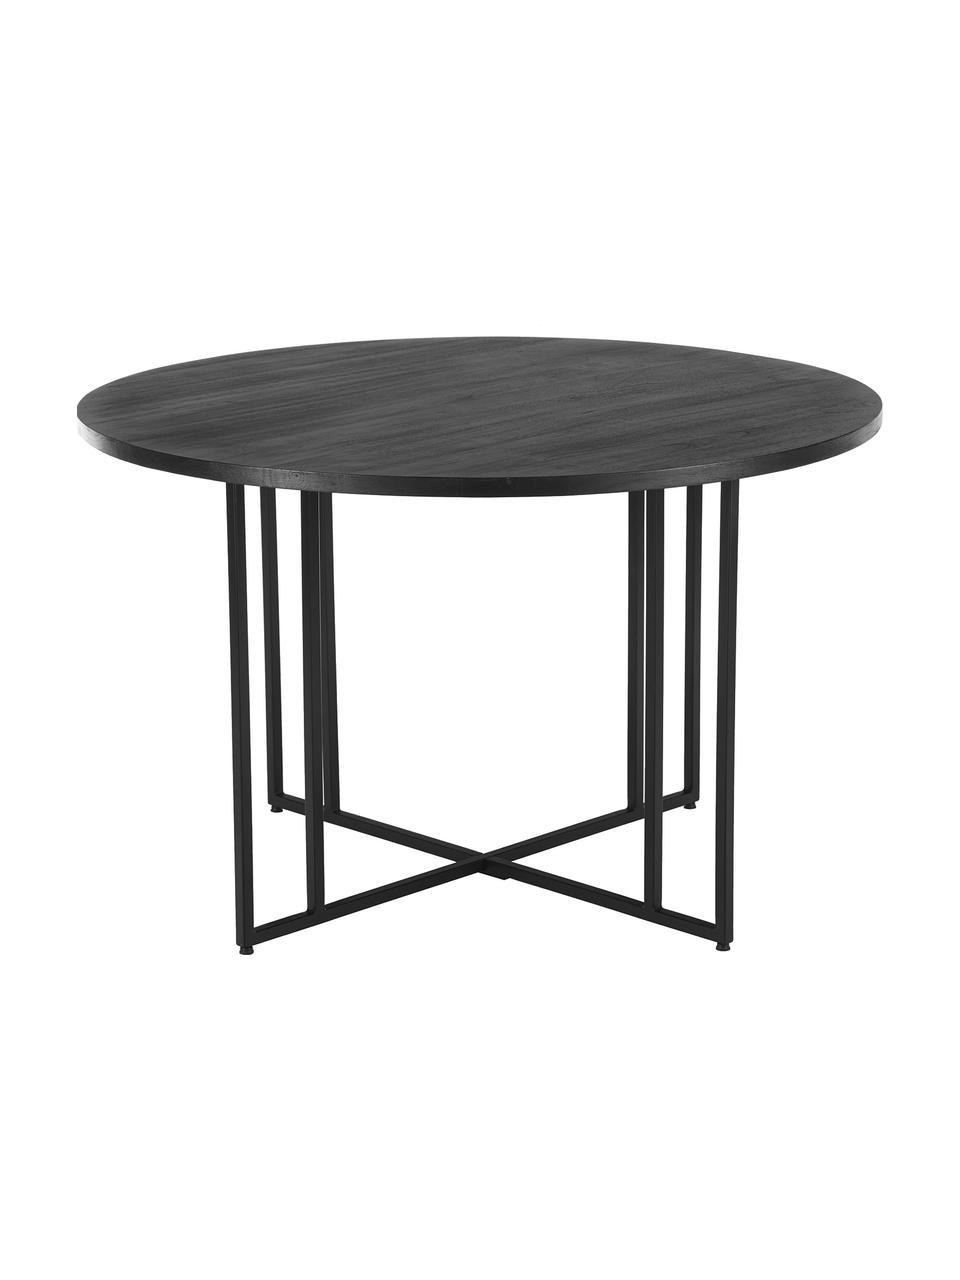 Ronde massief houten eettafel Luca in zwart, Tafelblad: geborsteld en gelakt mass, Frame: gepoedercoat metaal, Zwart, Ø 140 x H 75 cm